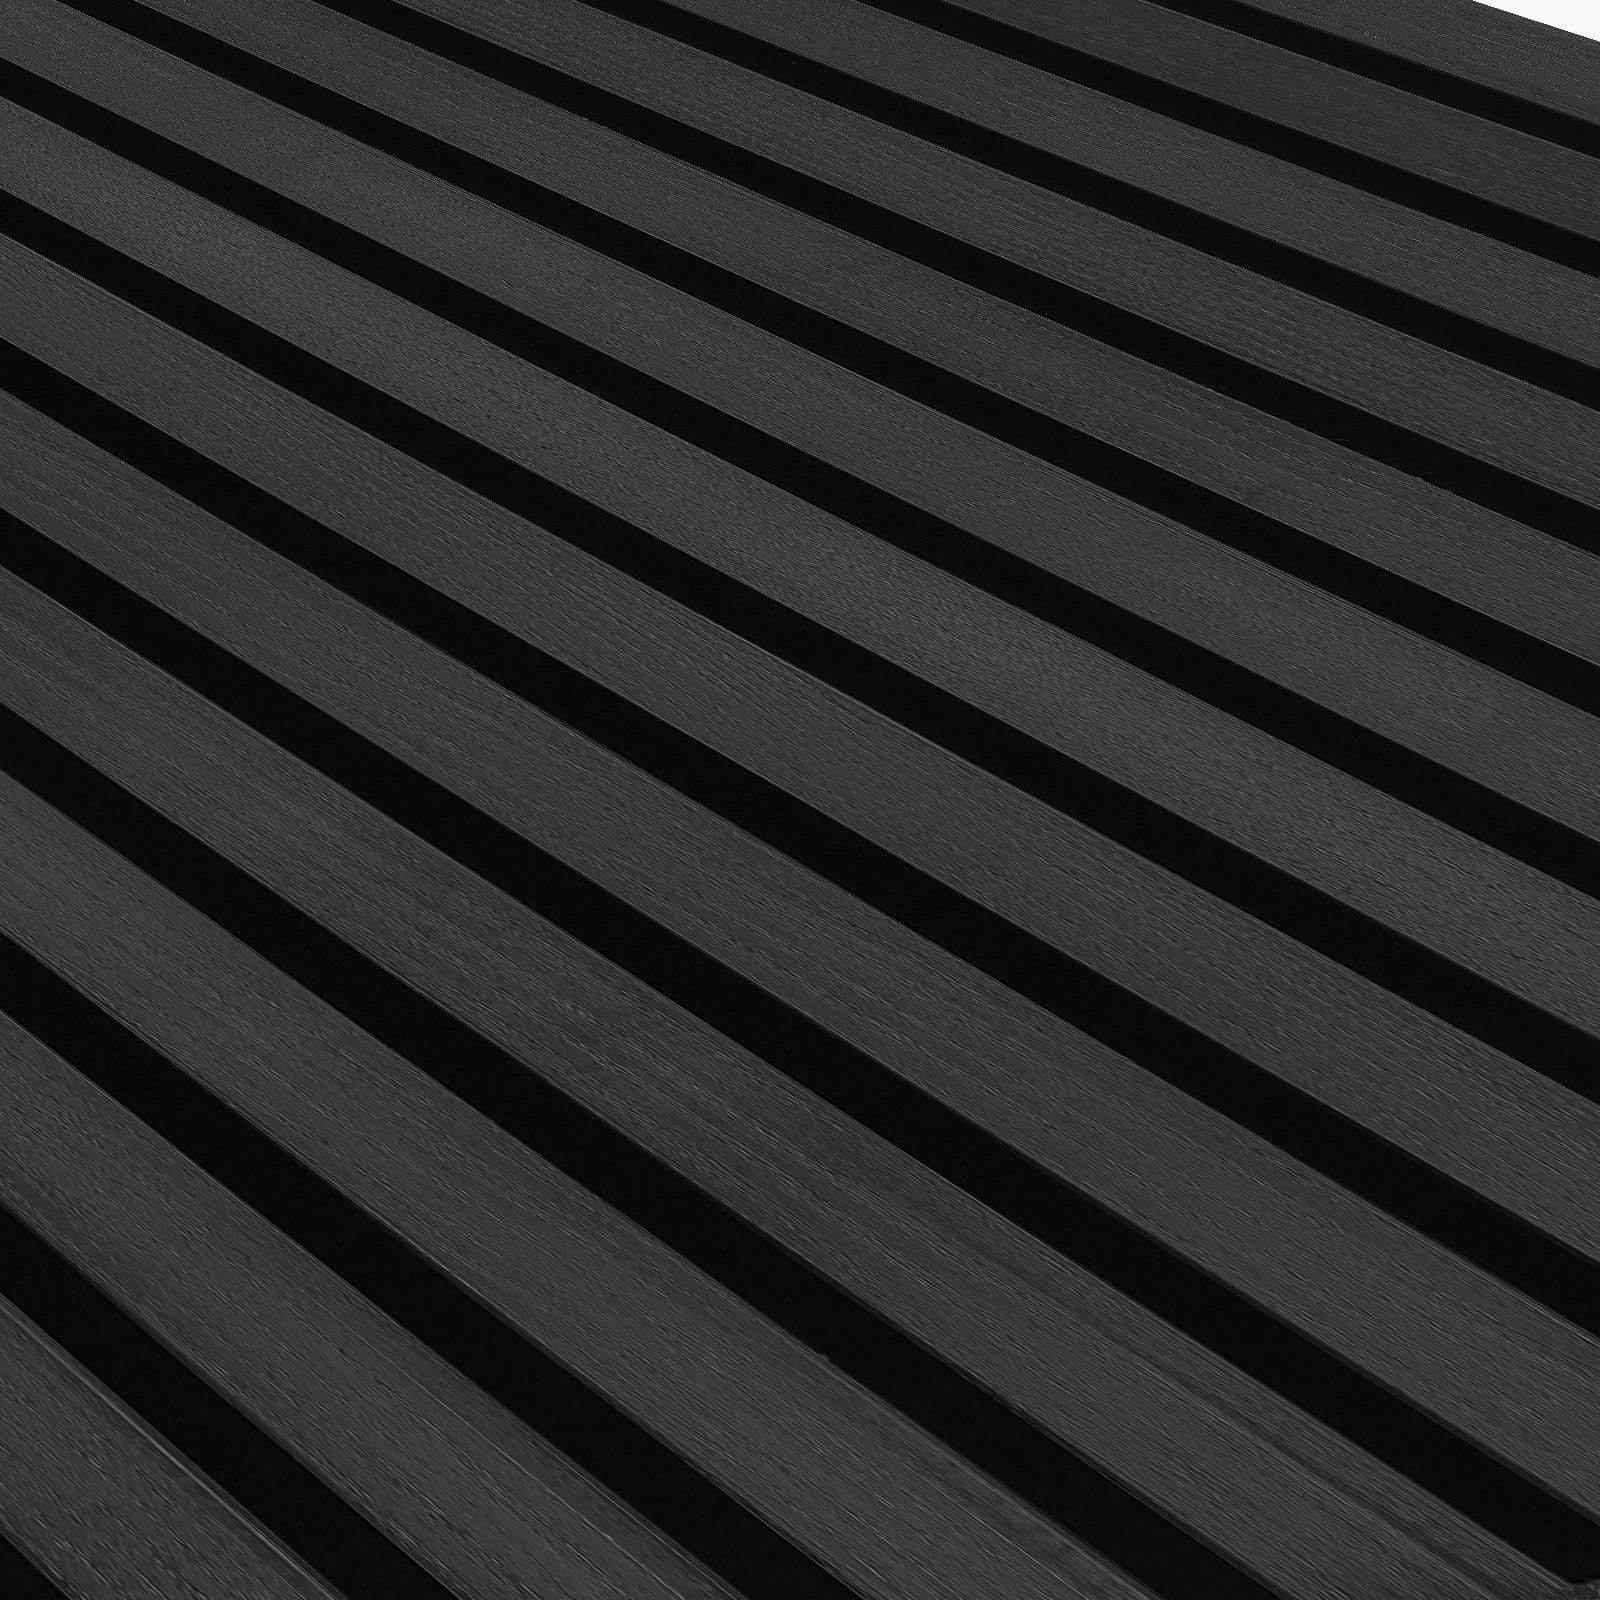 Akupanel Black Ash 600x2400 mm